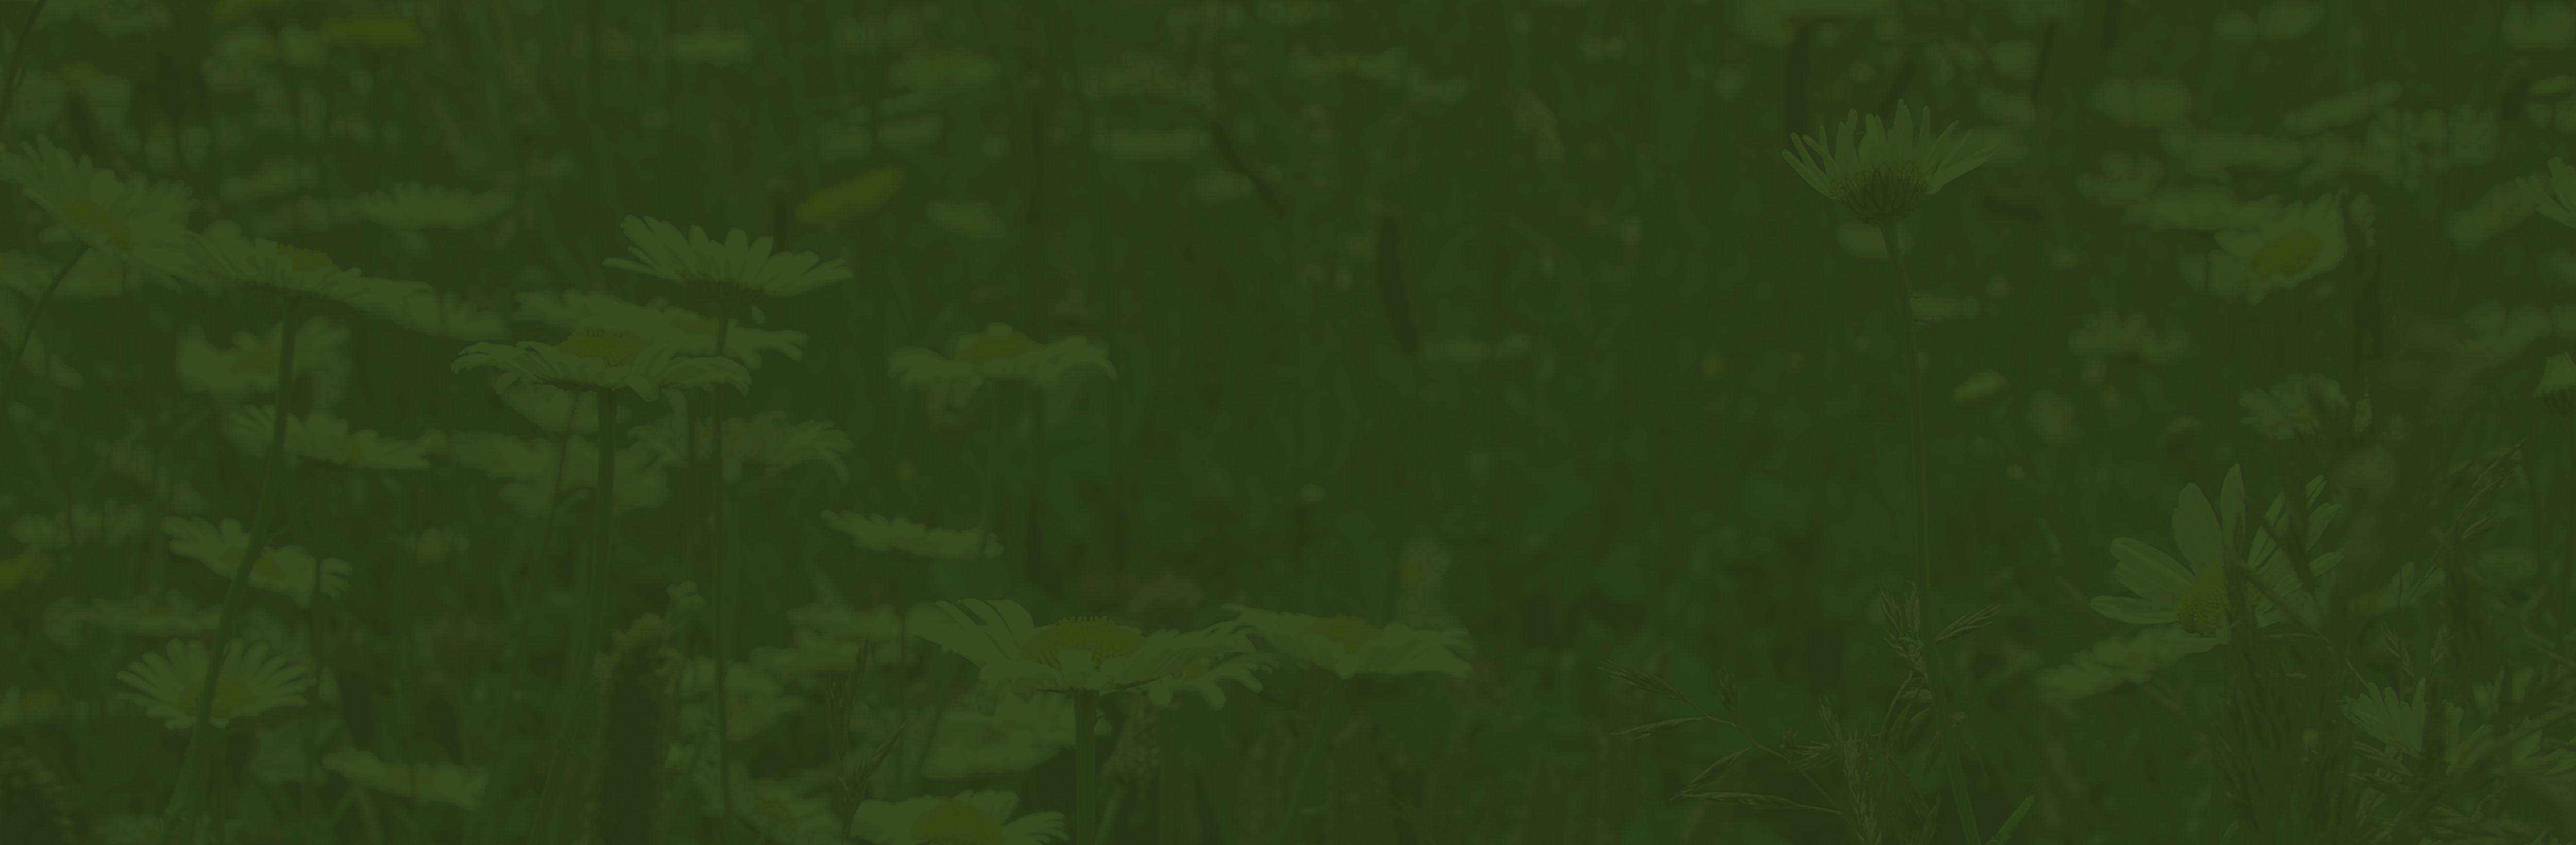 Vegetačné koberce | Skalničky - MIX